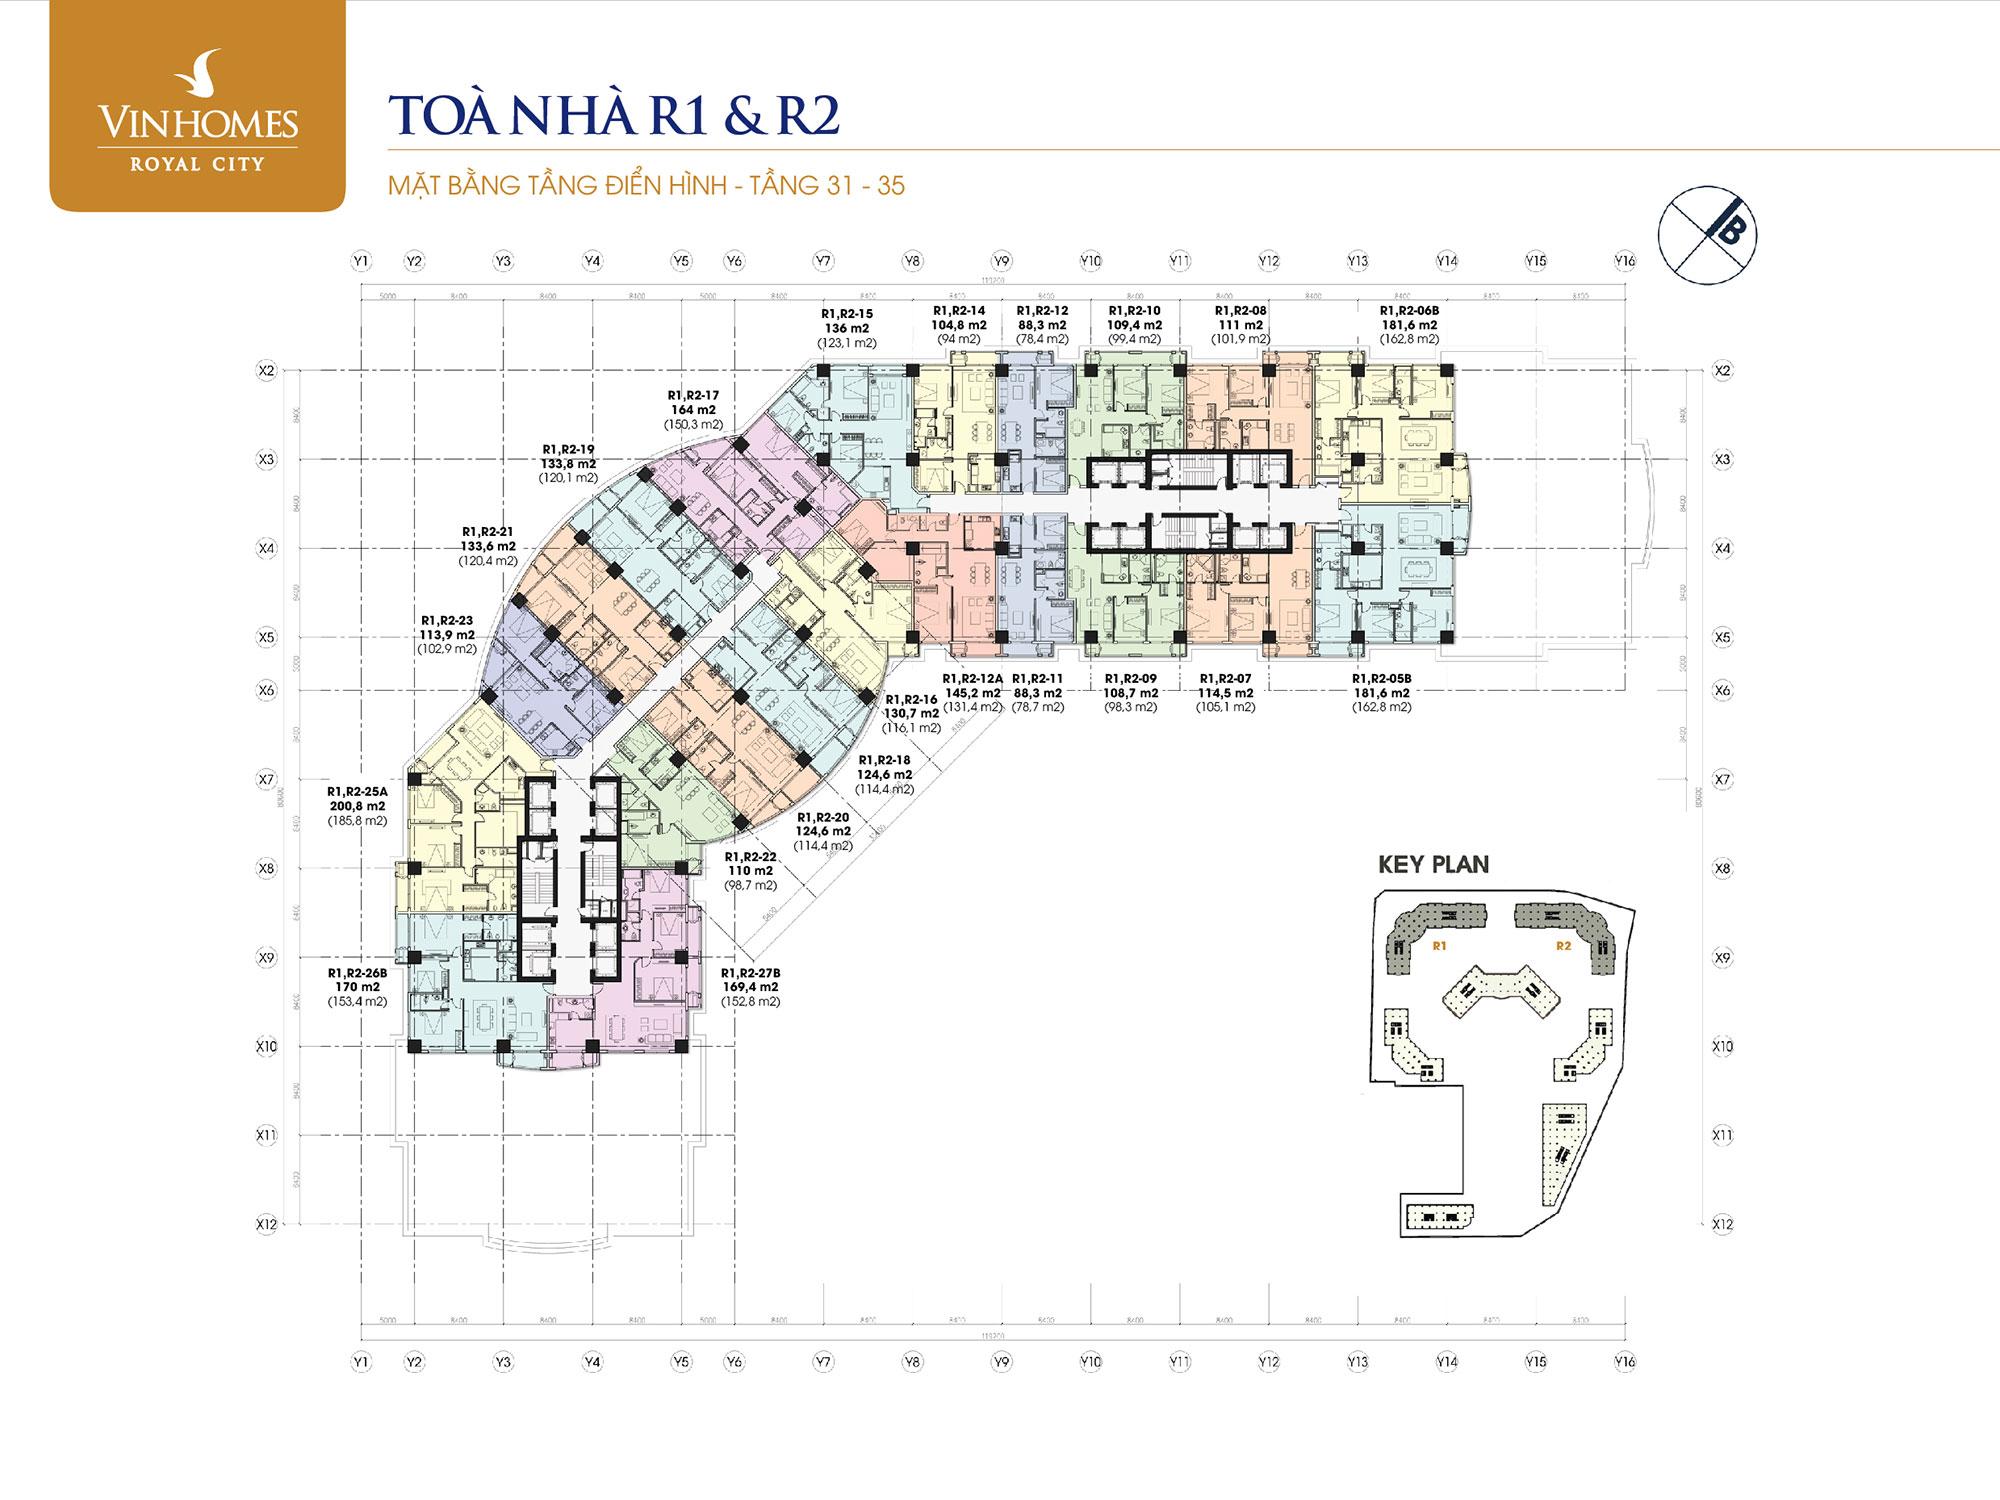 mat-bang-tang-31-35-toa-r1-r2-vinhomes-royal-city